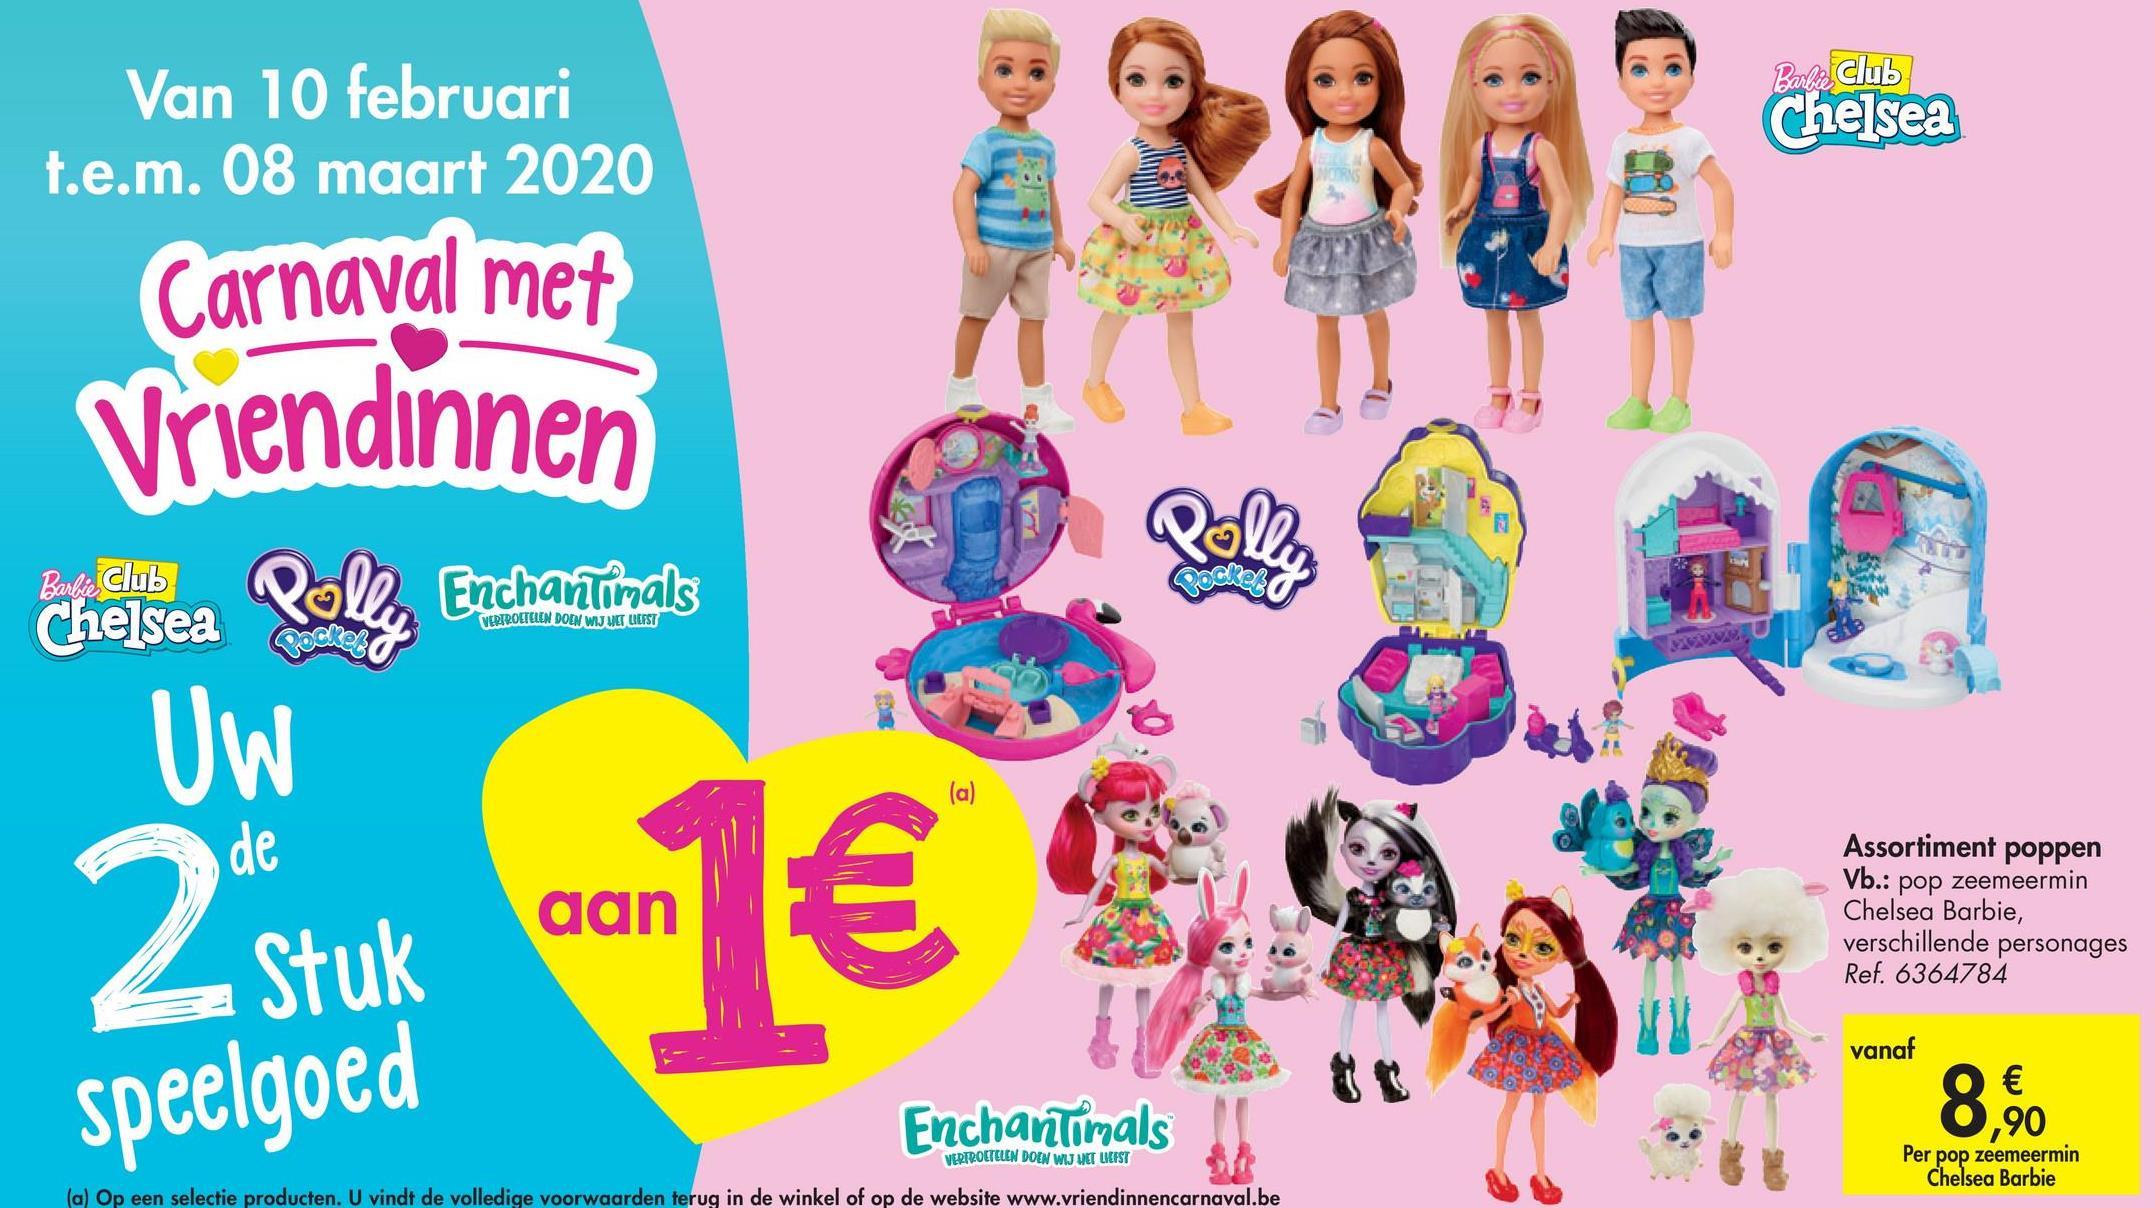 Barbie Club Chelsea Van 10 februari t.e.m. 08 maart 2020 Carnaval met Vriendin met Vriendinnen Bol Club che sea Poll Enchantimals VERTROETELEN DOEN WIJ MET LIEFST ode Uw 2 stuk aan Assortiment poppen Vb.: pop zeemeermin Chelsea Barbie, verschillende personages Ref. 6364784 vanaf € speelgoed 8.90 Enchantimals VERTROETELEN DOEN WIJ VET LIEFST Per pop zeemeermin Chelsea Barbie (a) Op een selectie producten. U vindt de volledige voorwaarden terug in de winkel of op de website www.vriendinnencarnaval.be